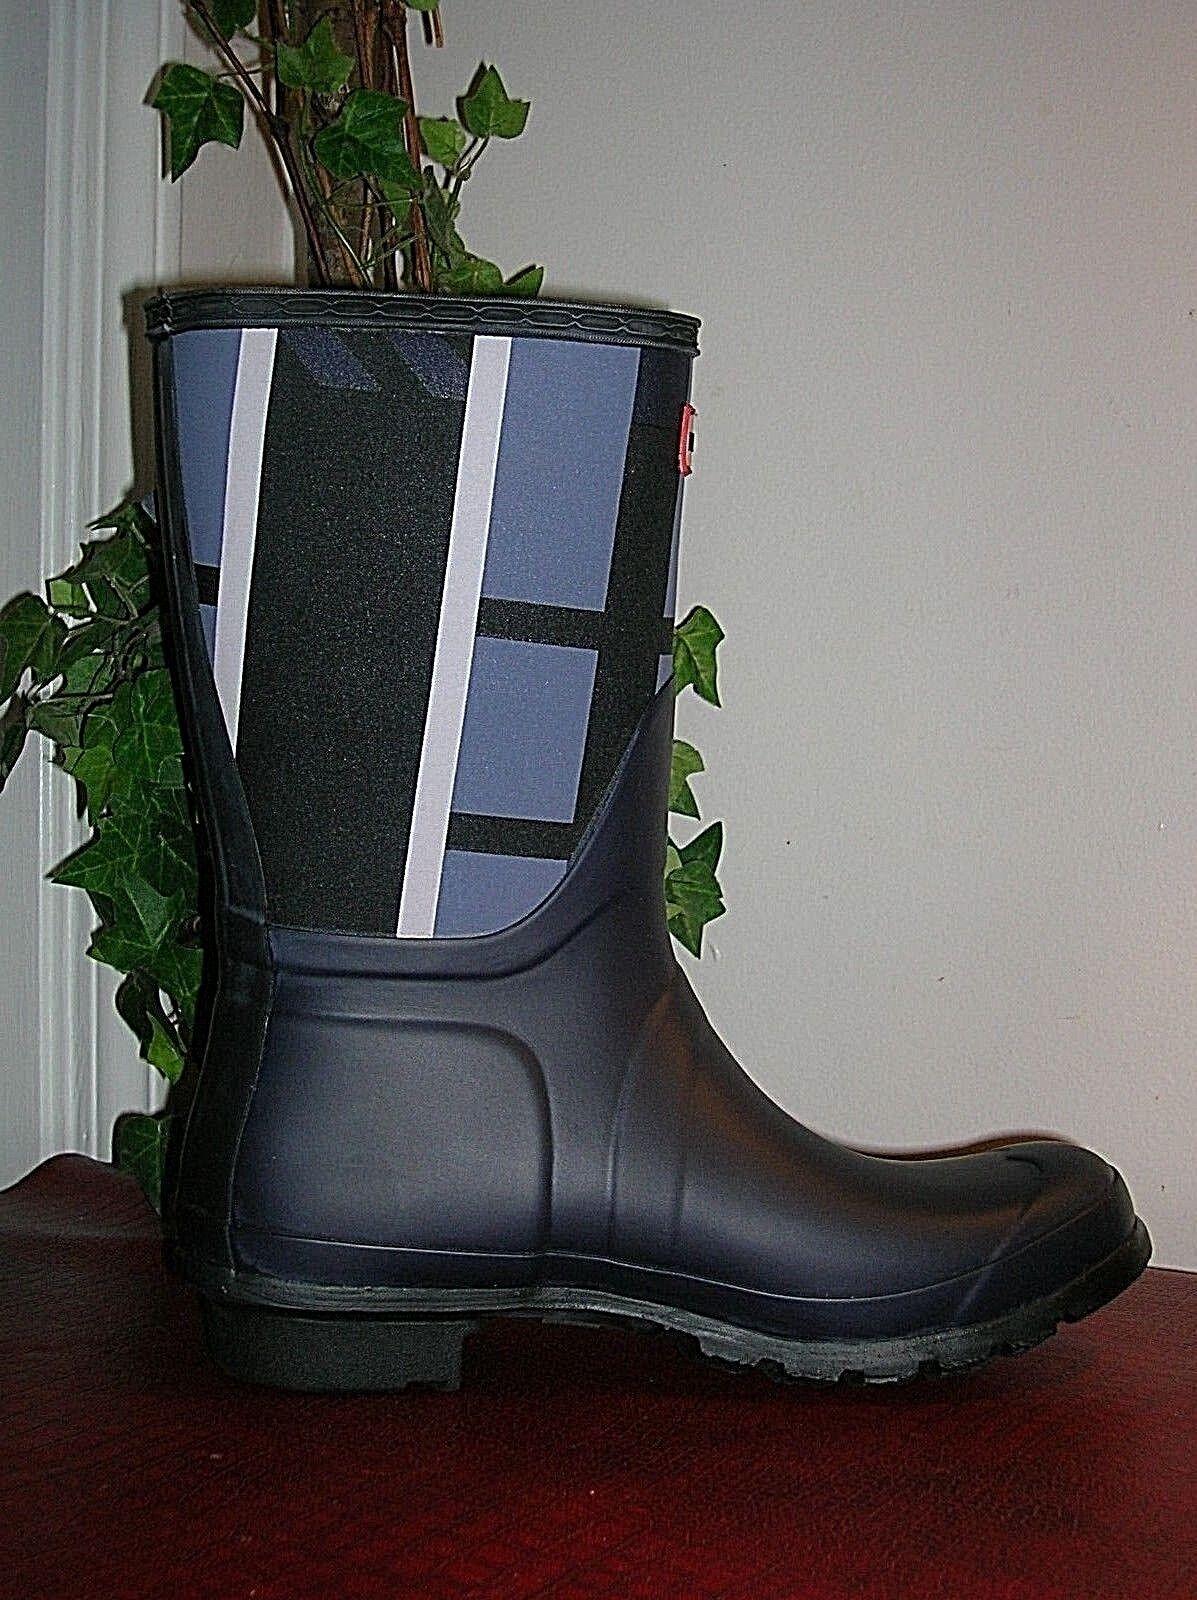 Hunter Hunter Hunter botas De Goma Azul Mineral doblado Corto botas para mujer Talla 7 de EE. UU. nuevo  Ahorre 60% de descuento y envío rápido a todo el mundo.